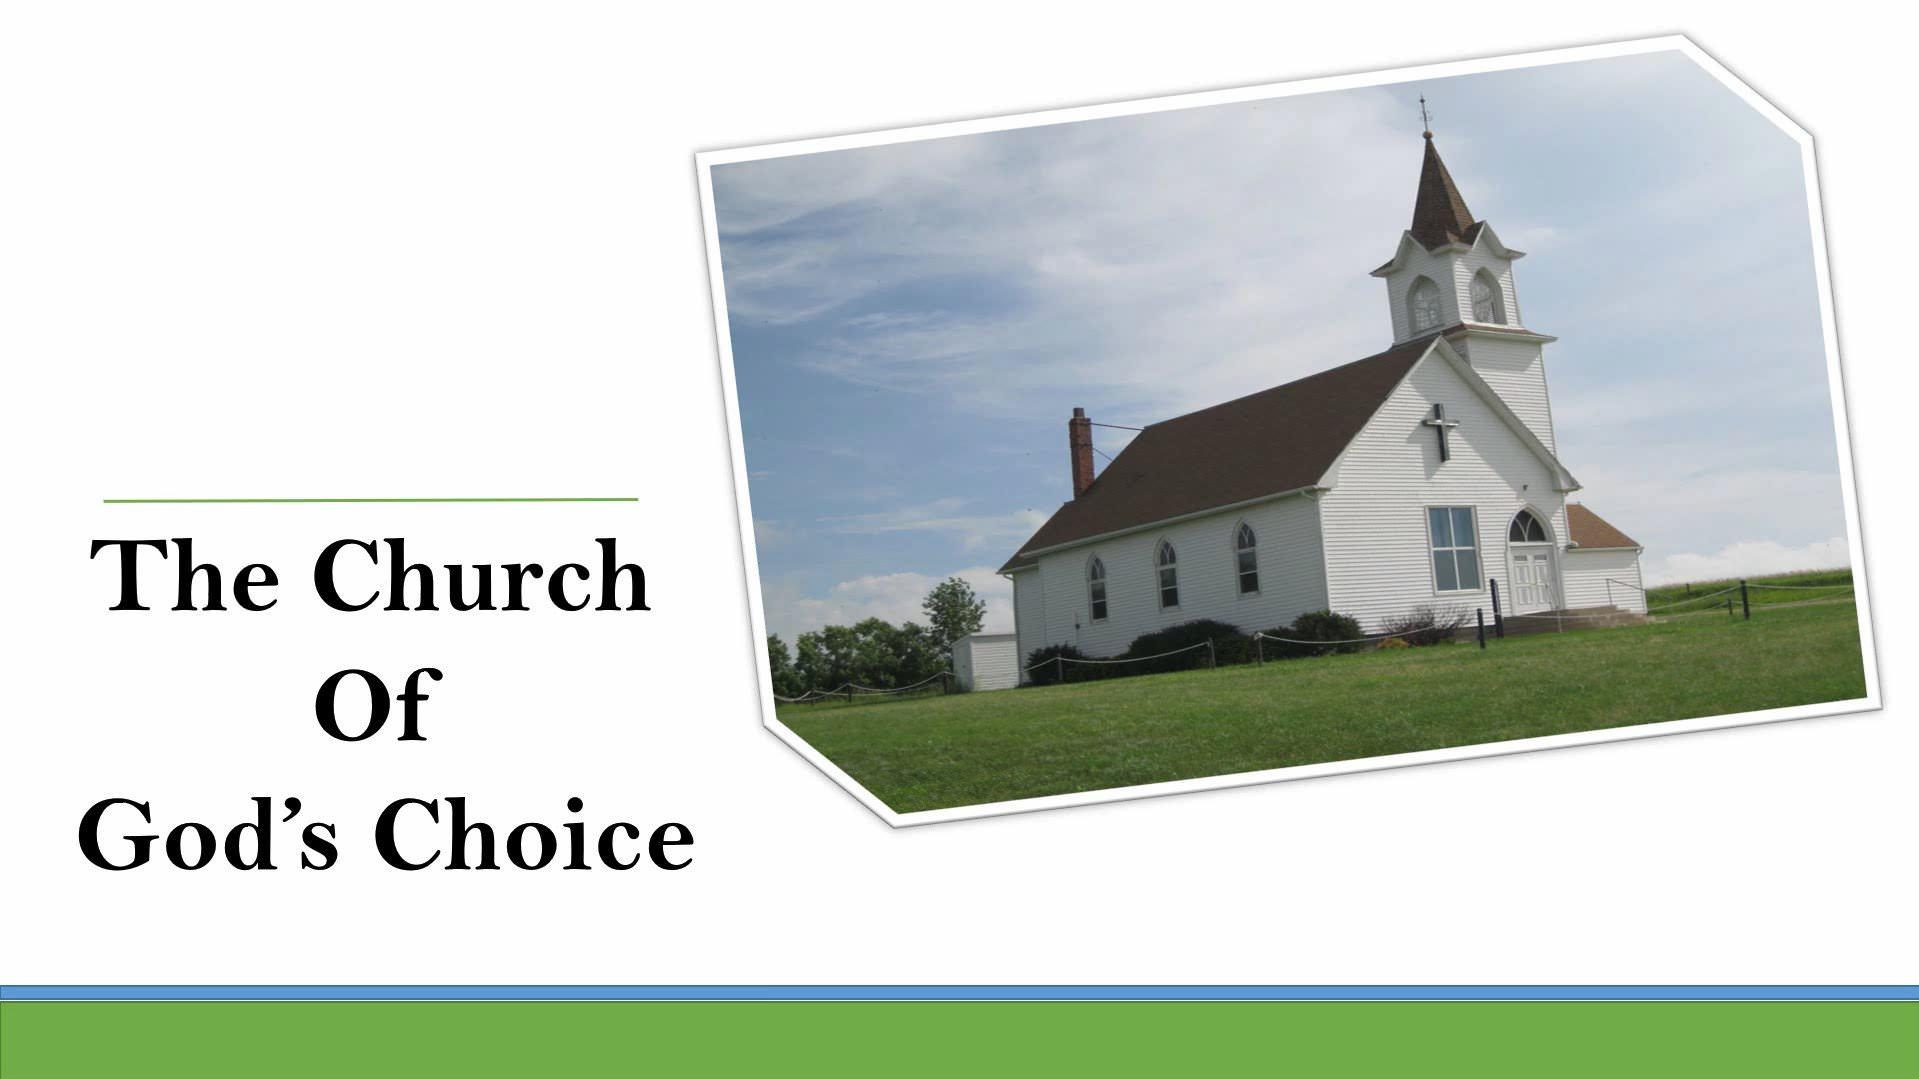 The Church Of God's Choice